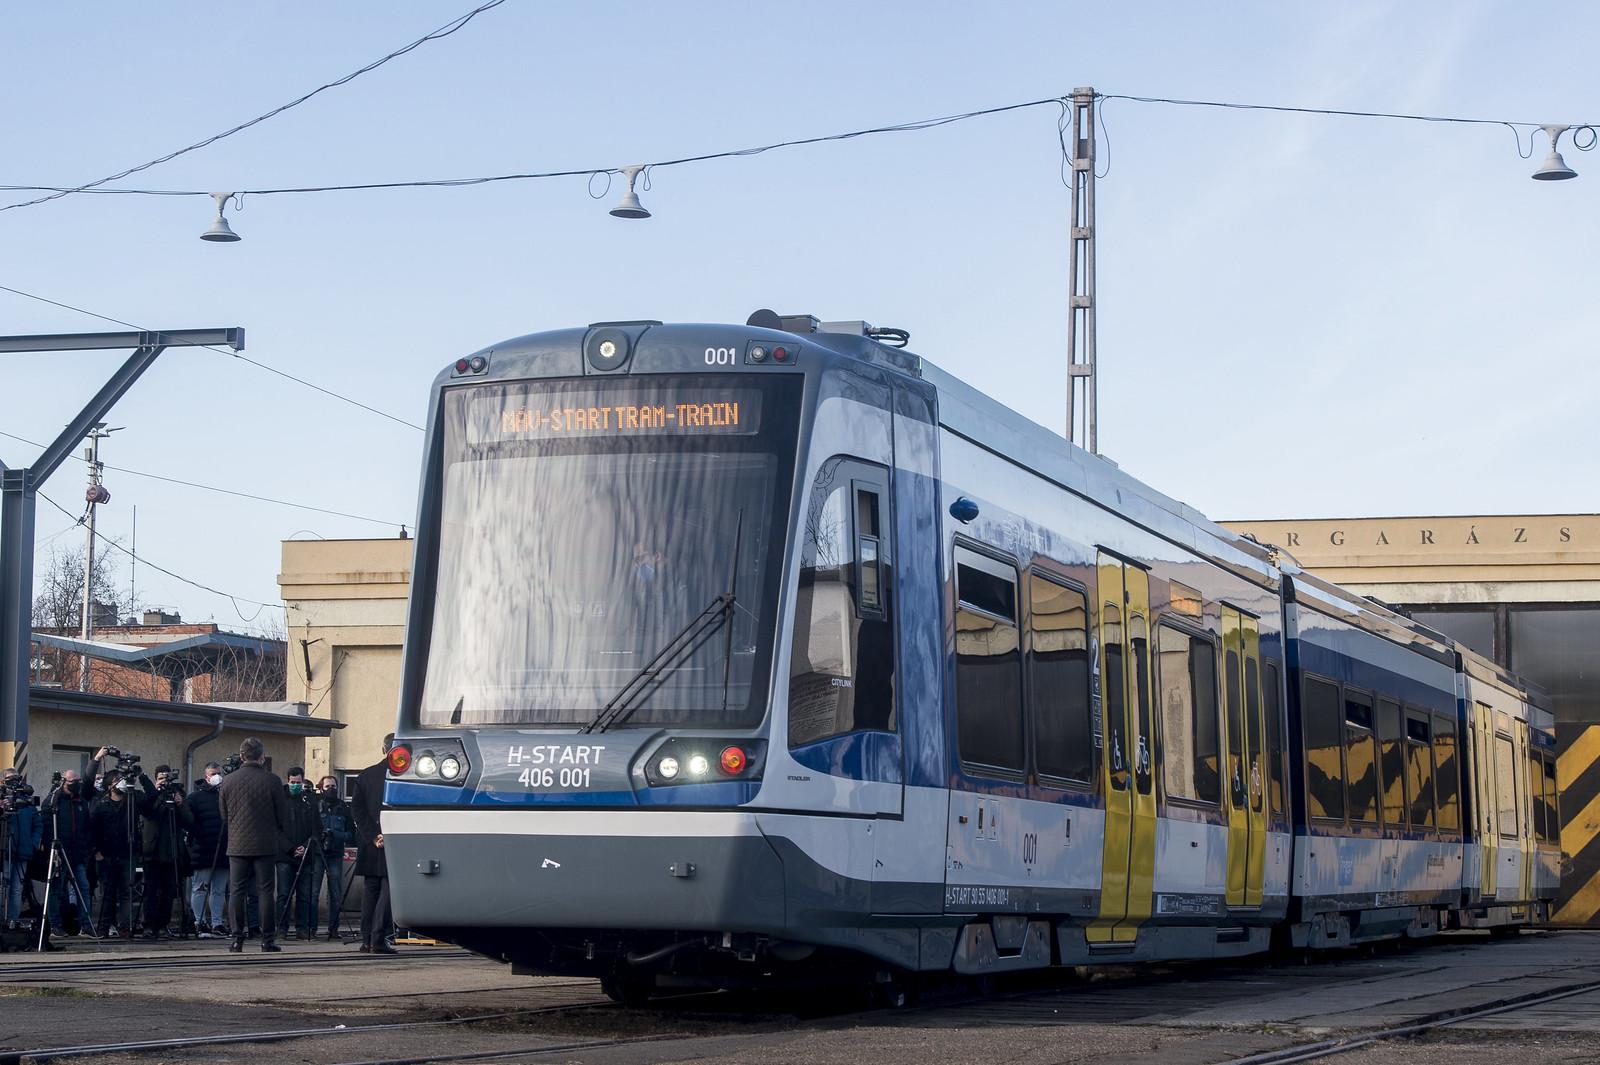 Lázár a tram-trainről: 2024-től Szabadkára is mehetünk